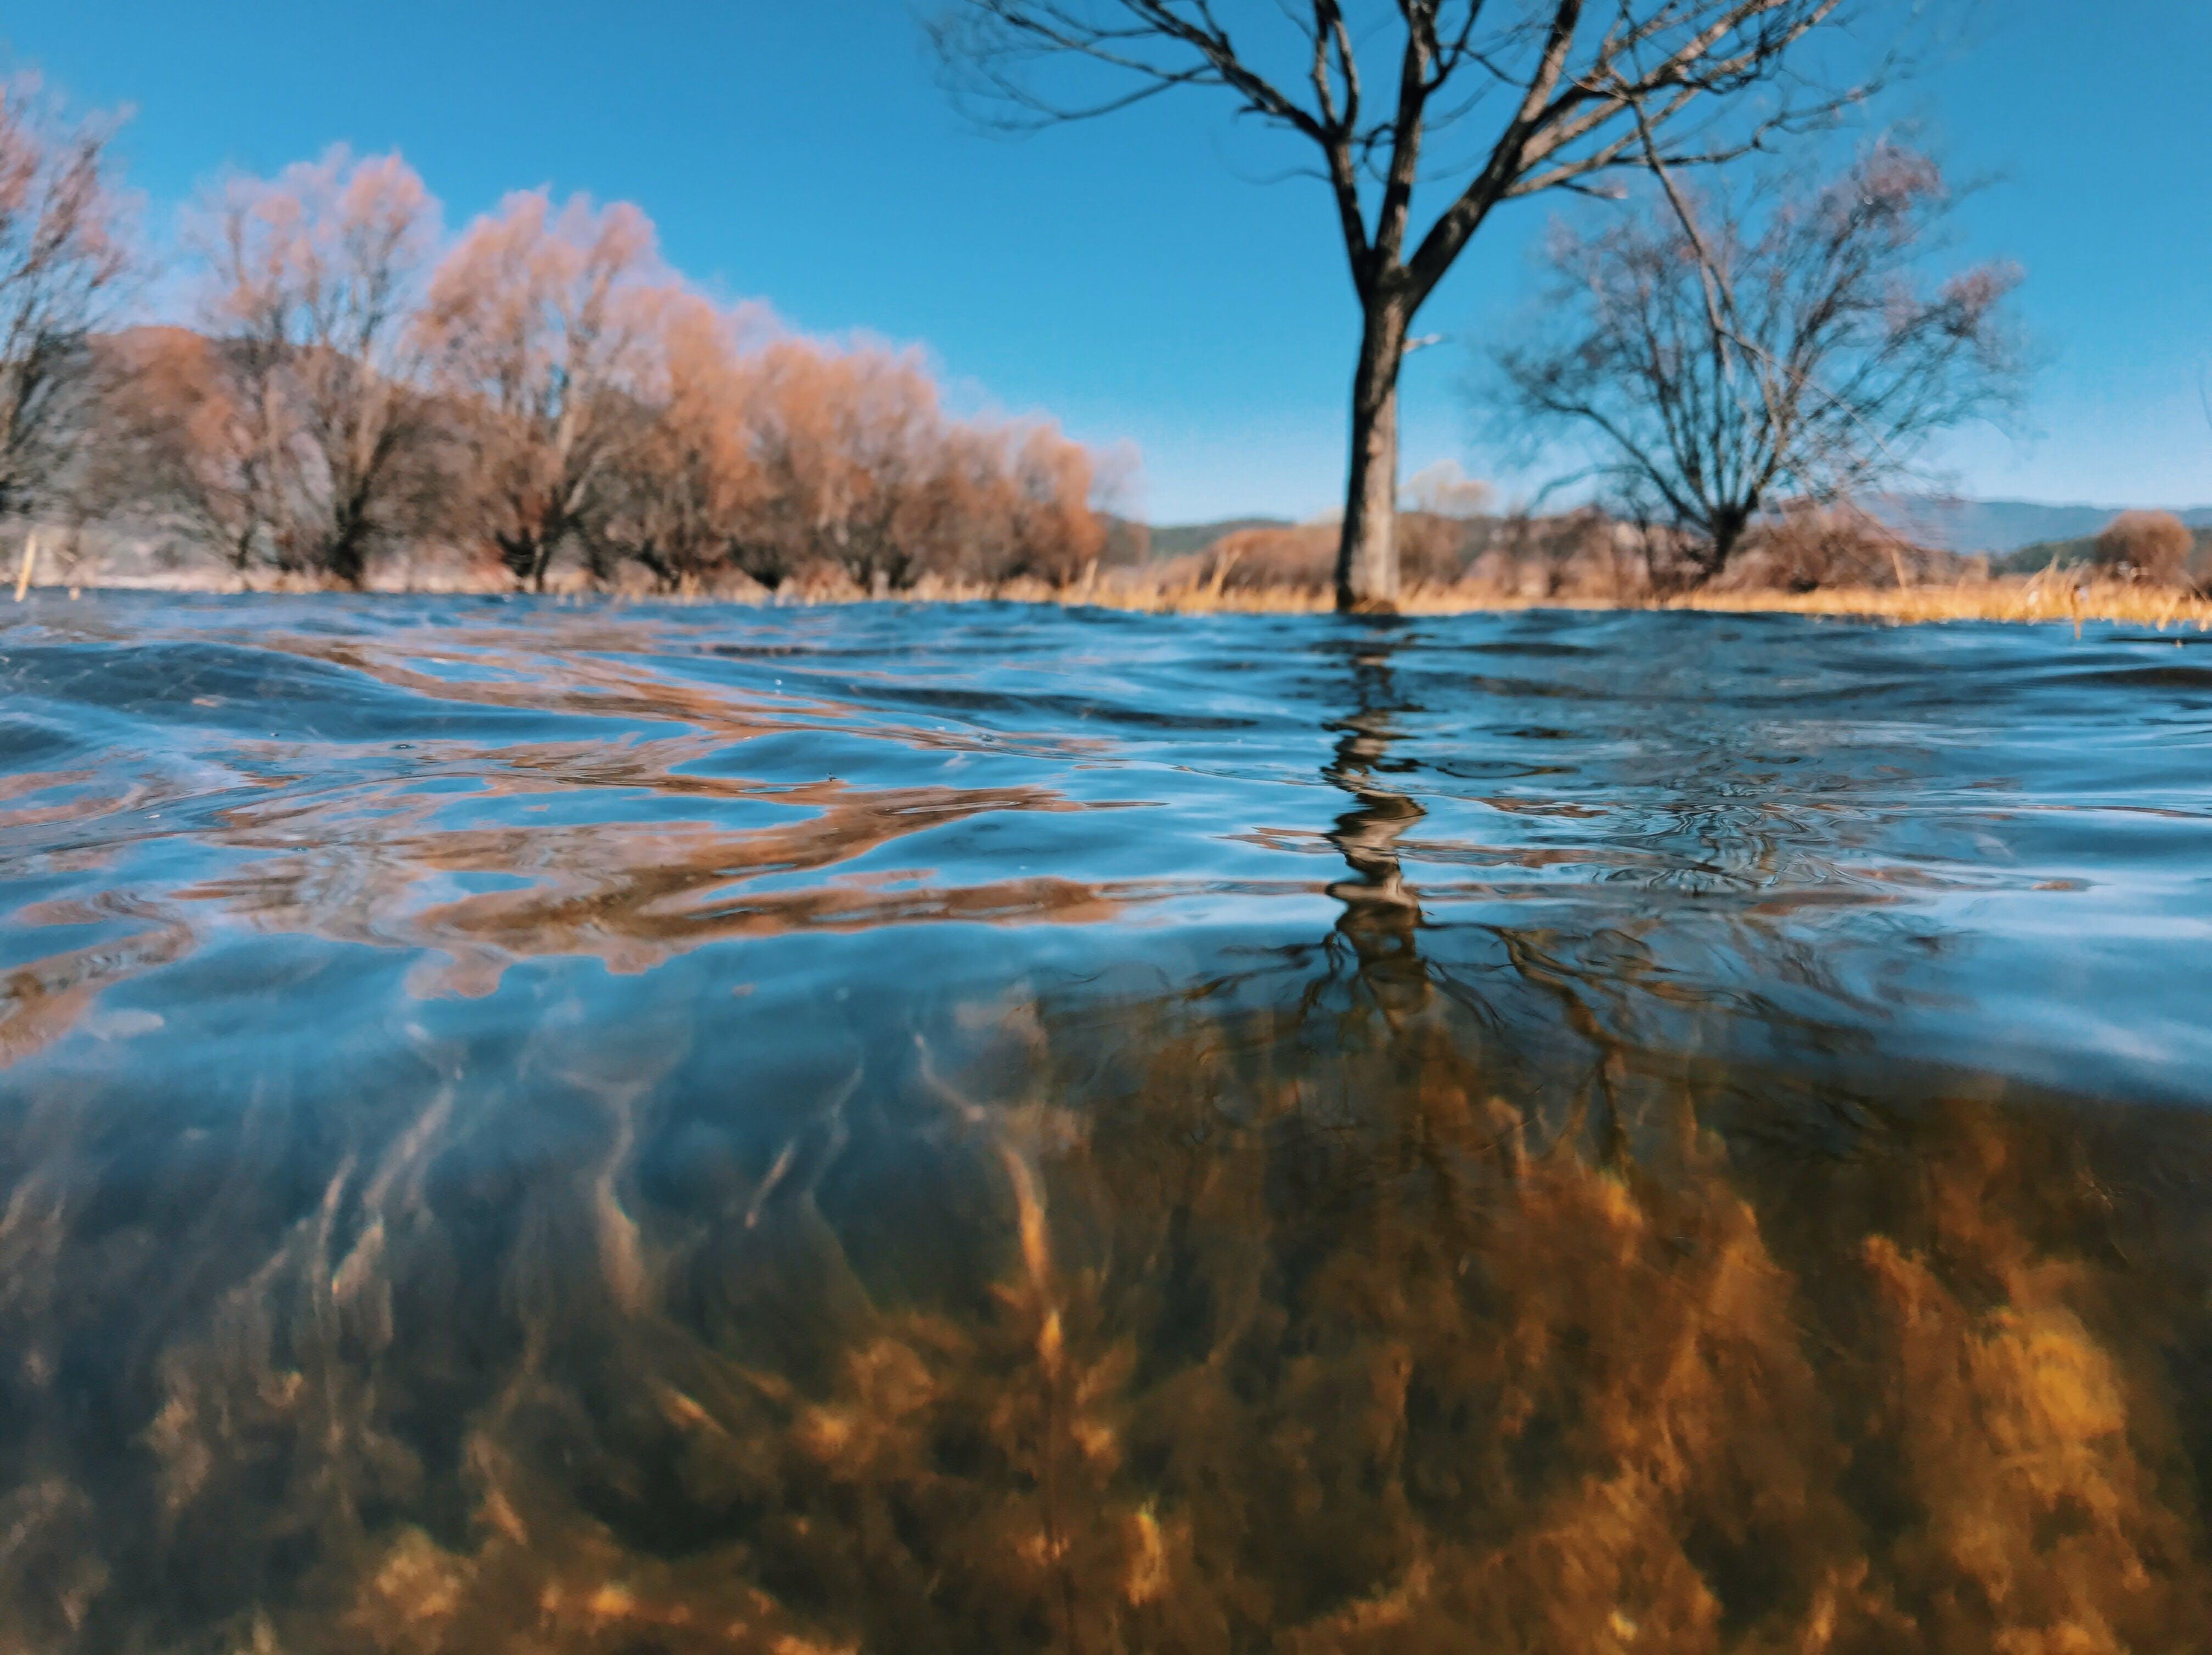 Kostenloses Stock Foto zu bäume, das wasser, die landschaft, handyfotografie